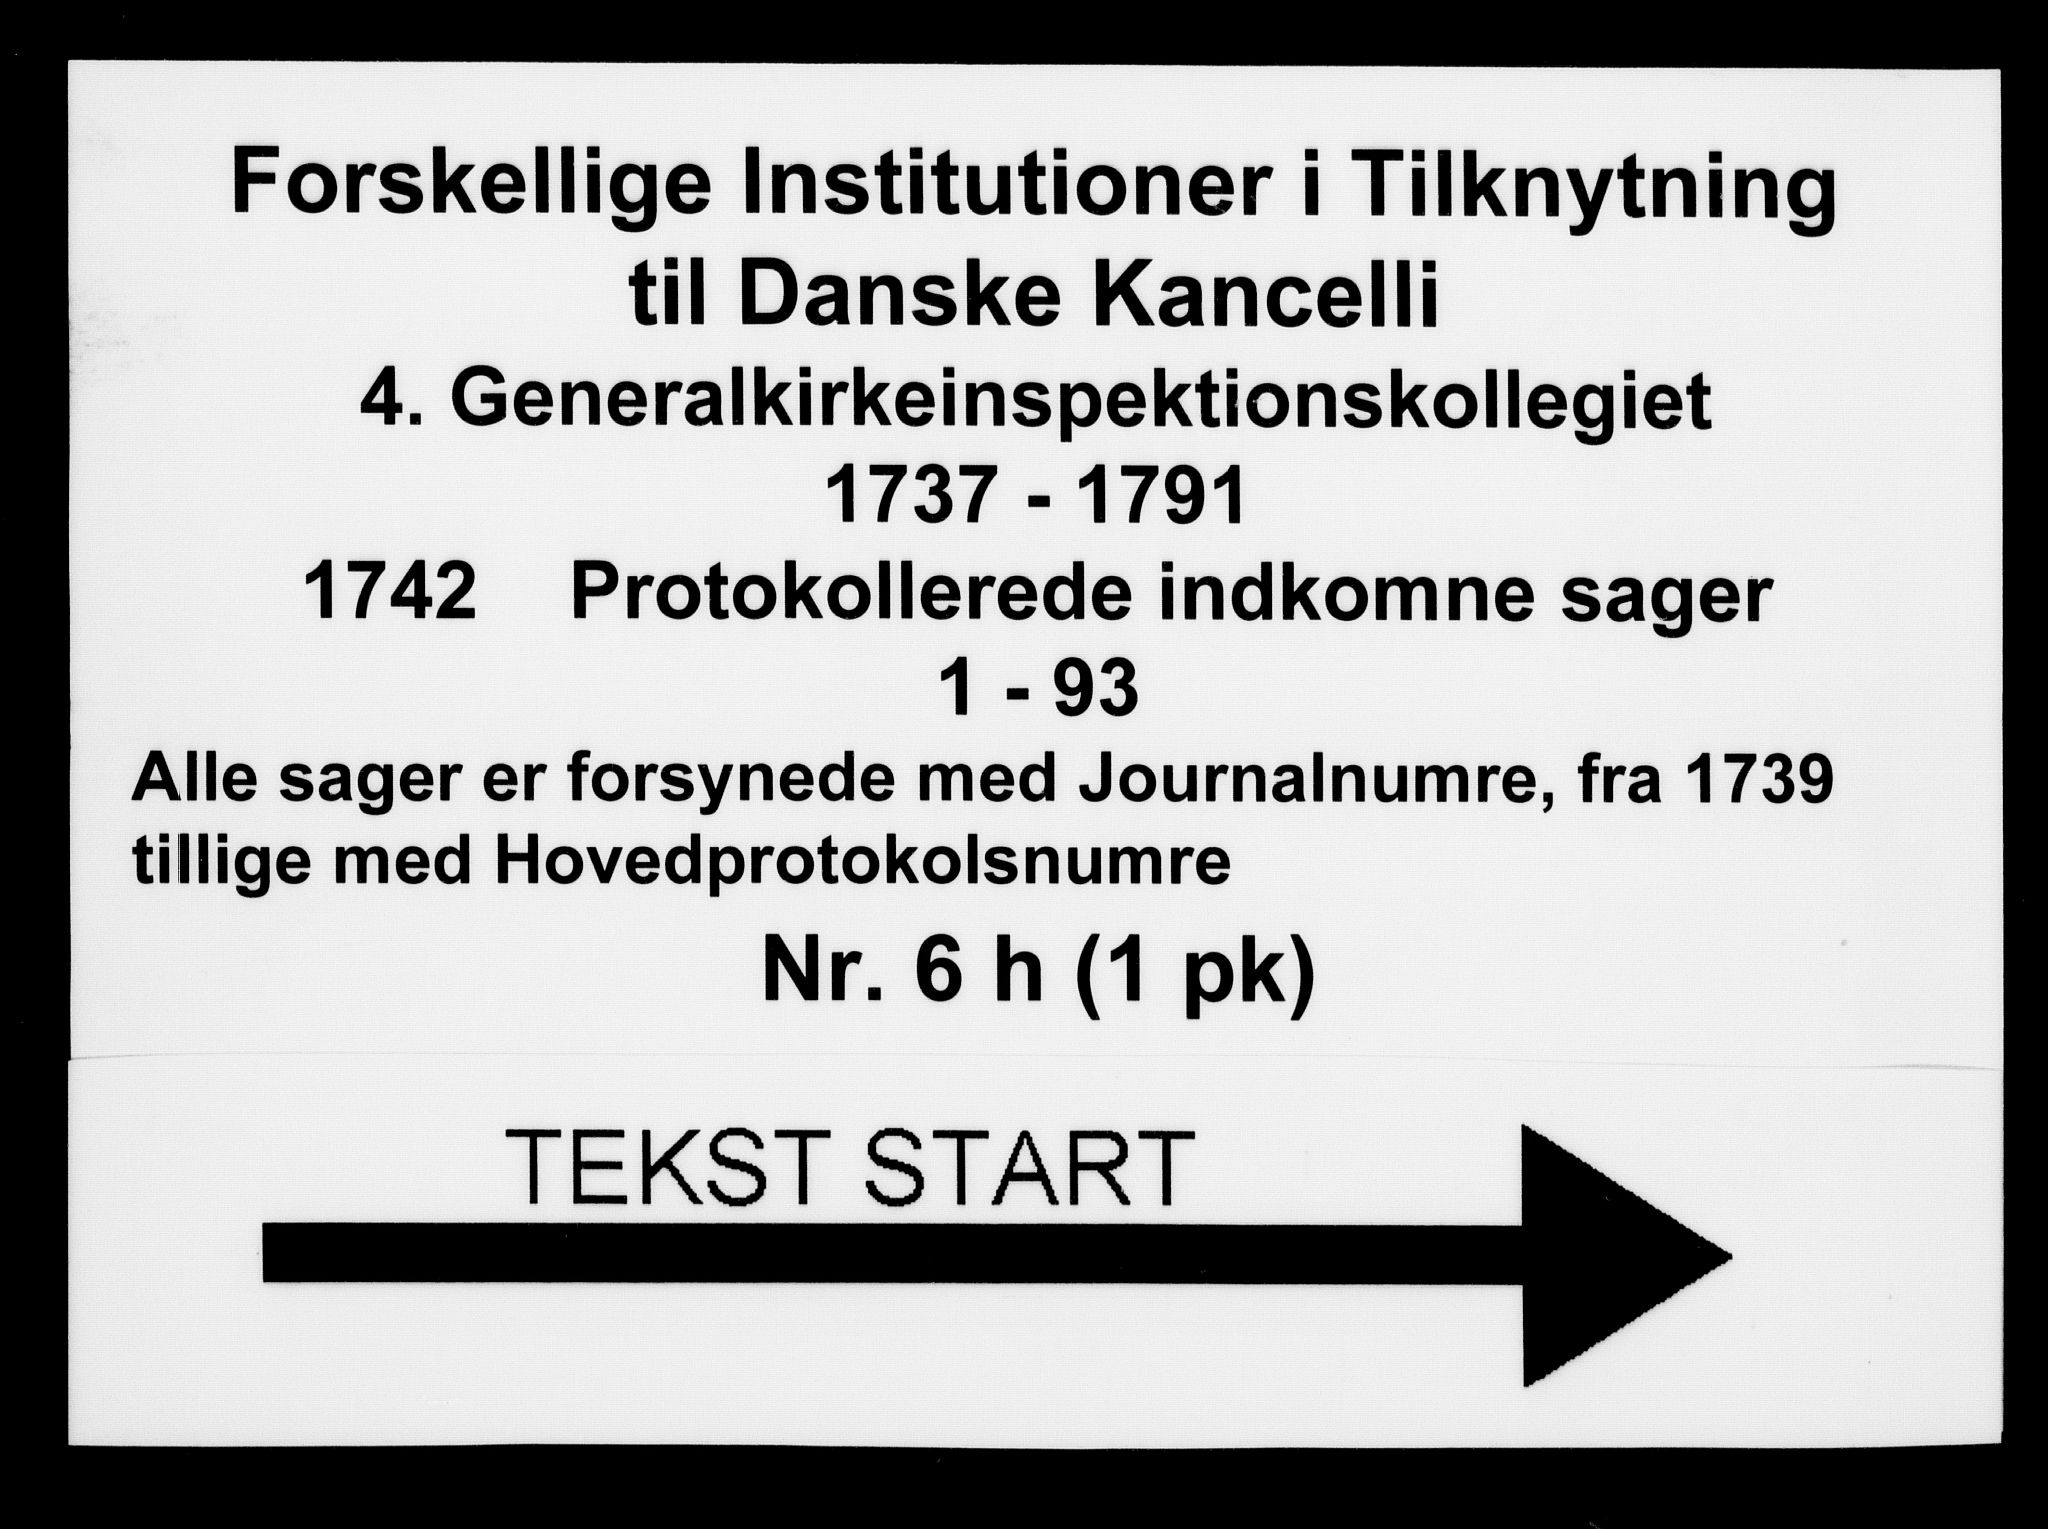 DRA, Generalkirkeinspektionskollegiet, F4-06/F4-06-08: Protokollerede indkomne sager, 1742